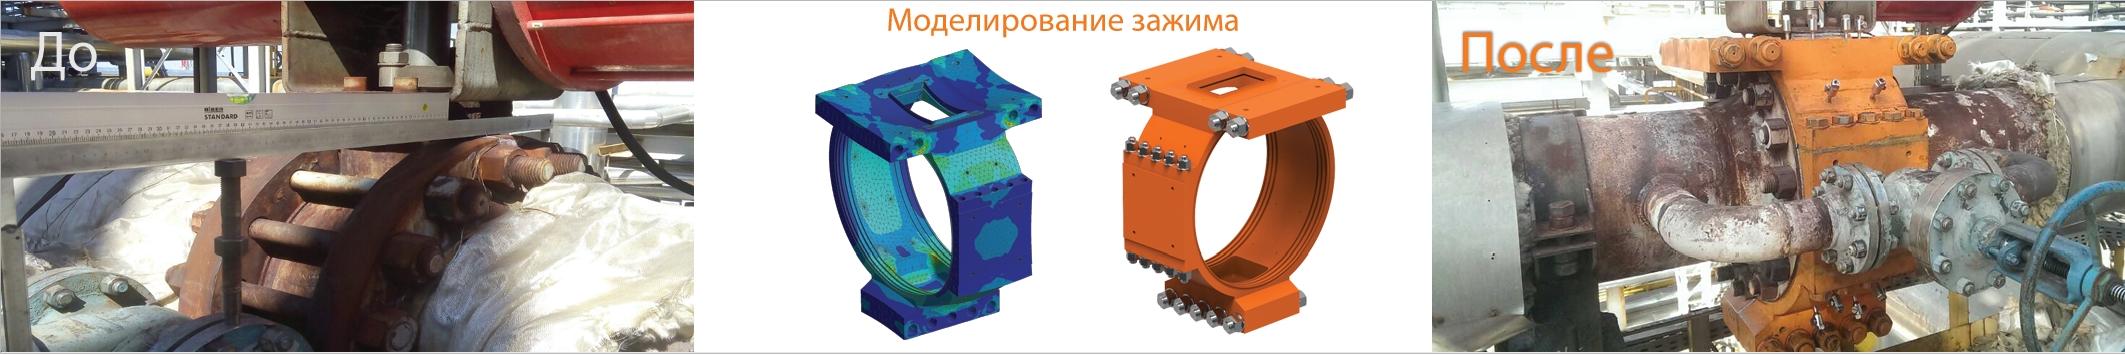 Рис. 5. Утечка на трубопроводной арматуре Dу = 400 мм. Рабочие параметры: транспортируемая среда – ВСГ, метан, оксиды углерода; давление – 2,4 МПа, температура 174°С